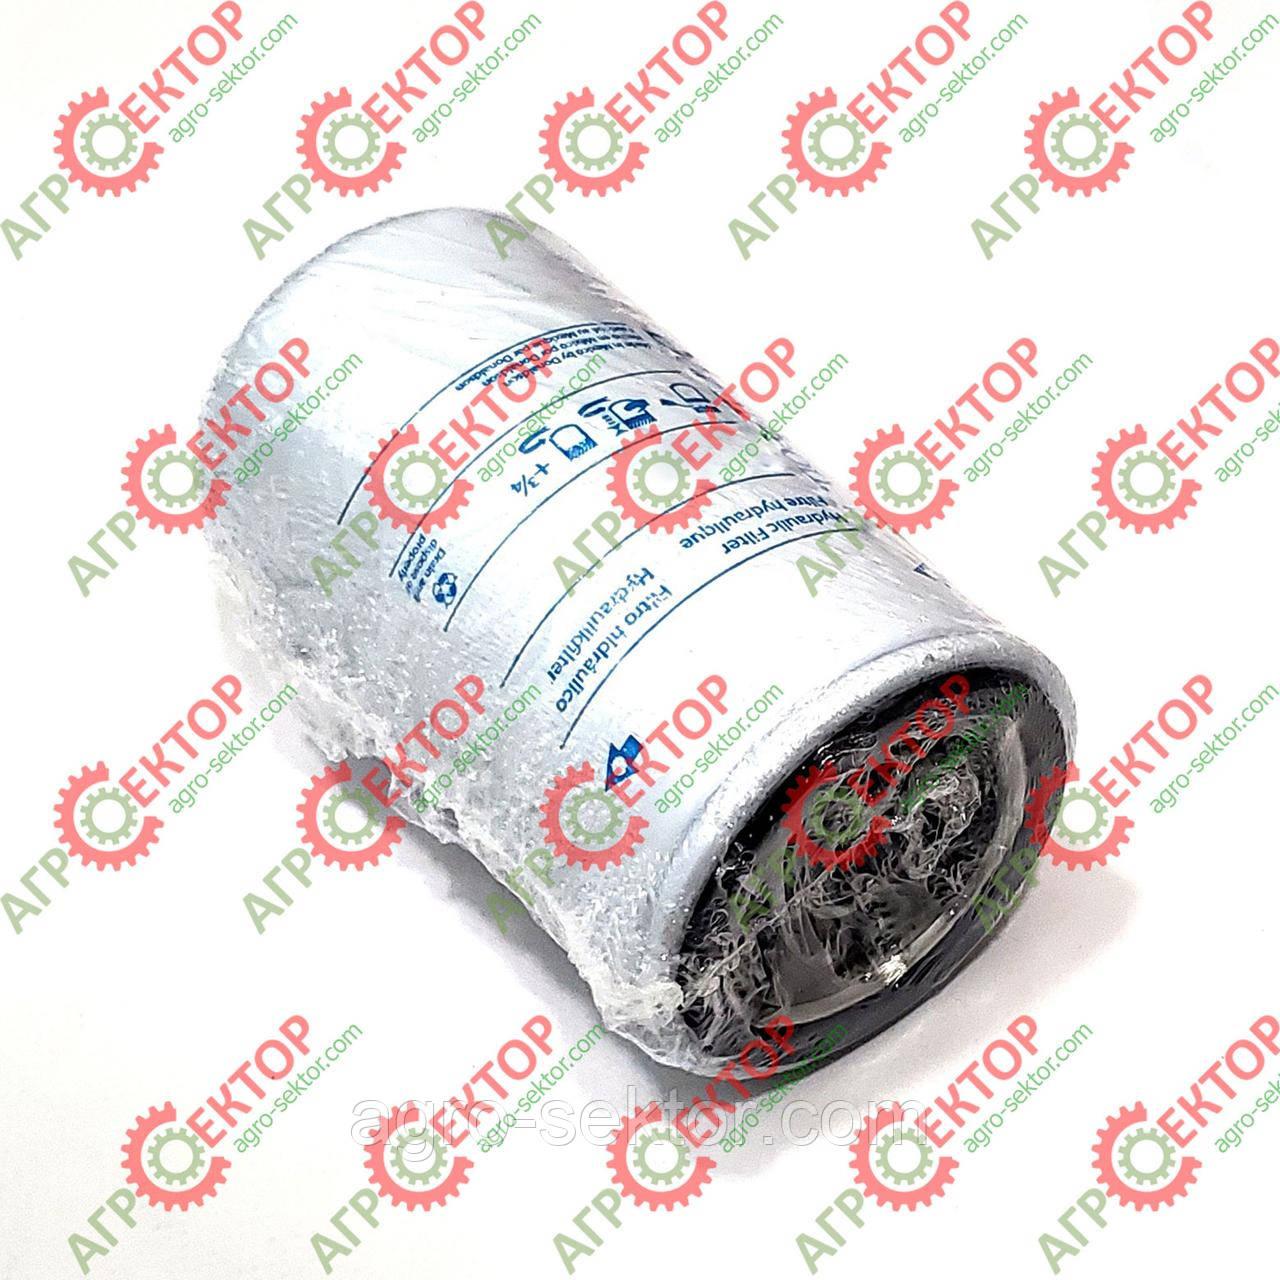 Фільтр трансмісії гідравлічний на телескопічний навантажувач Manitou 561749 85817004 6E0924 3621299M1 9968353